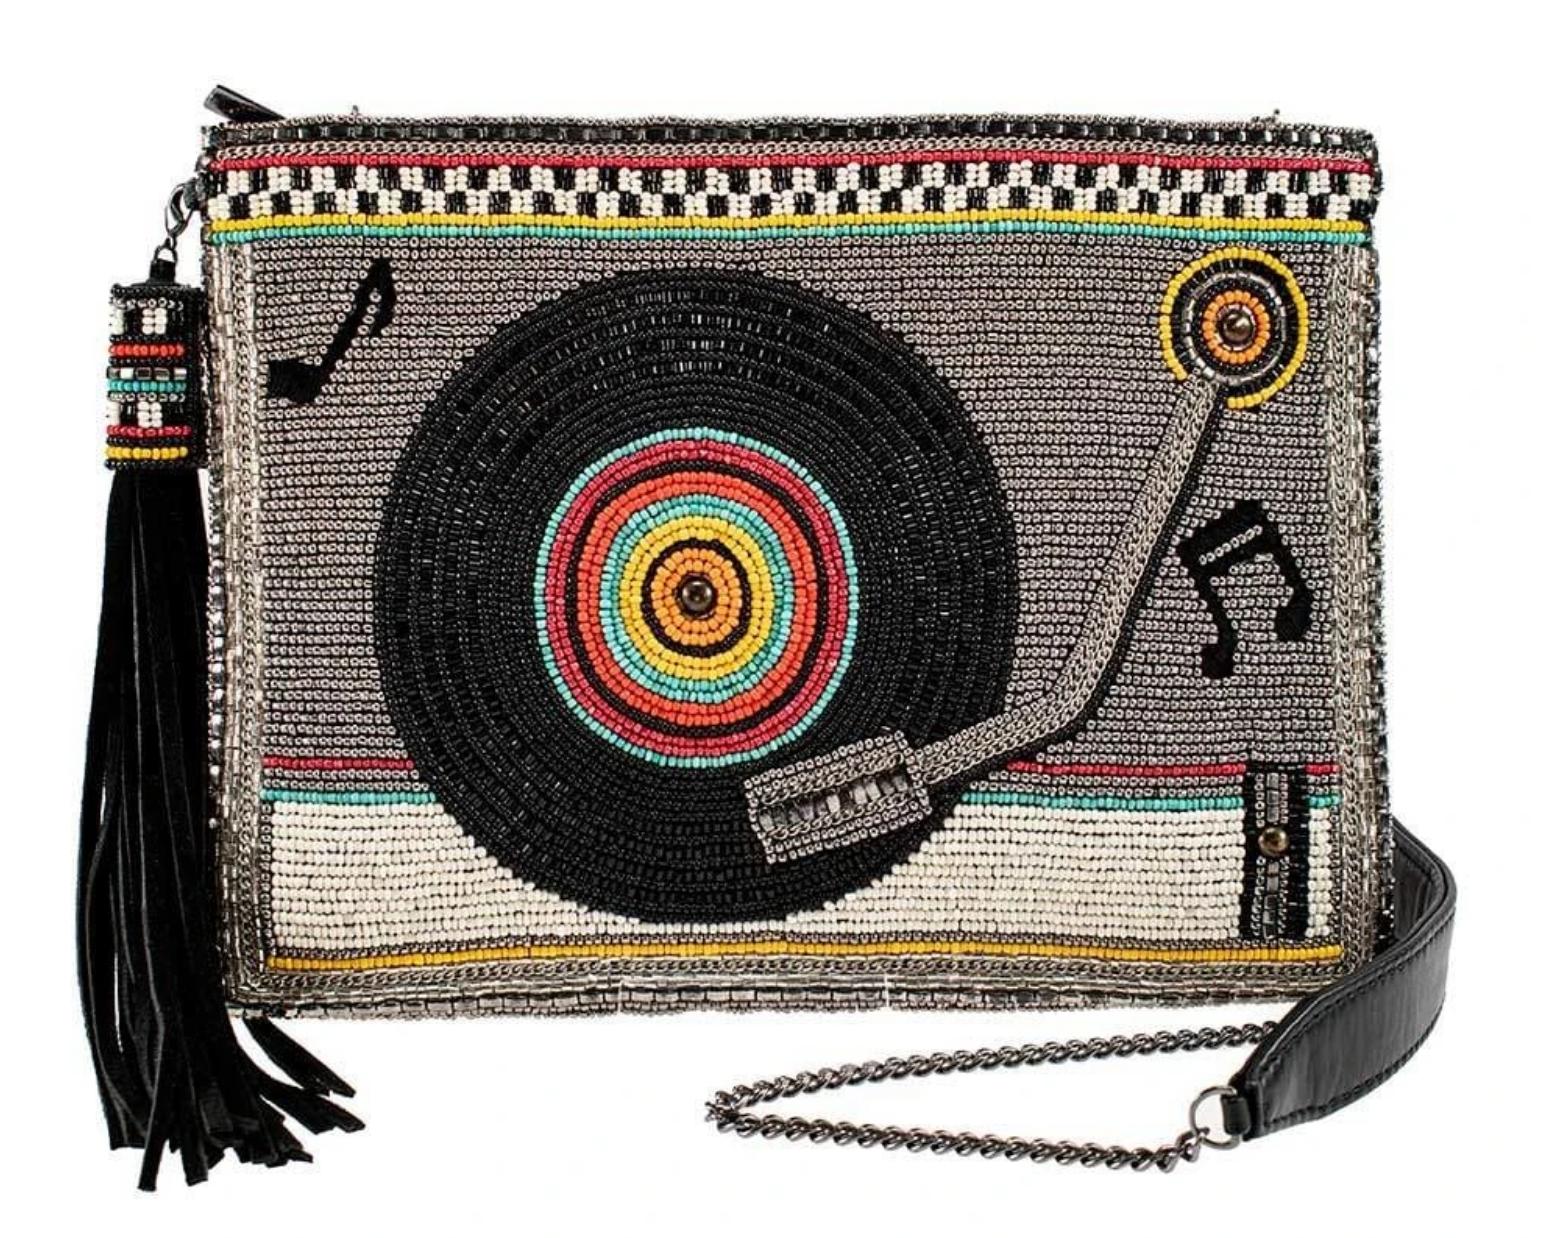 Mary Frances Mary Frances - Take a Spin Handbag